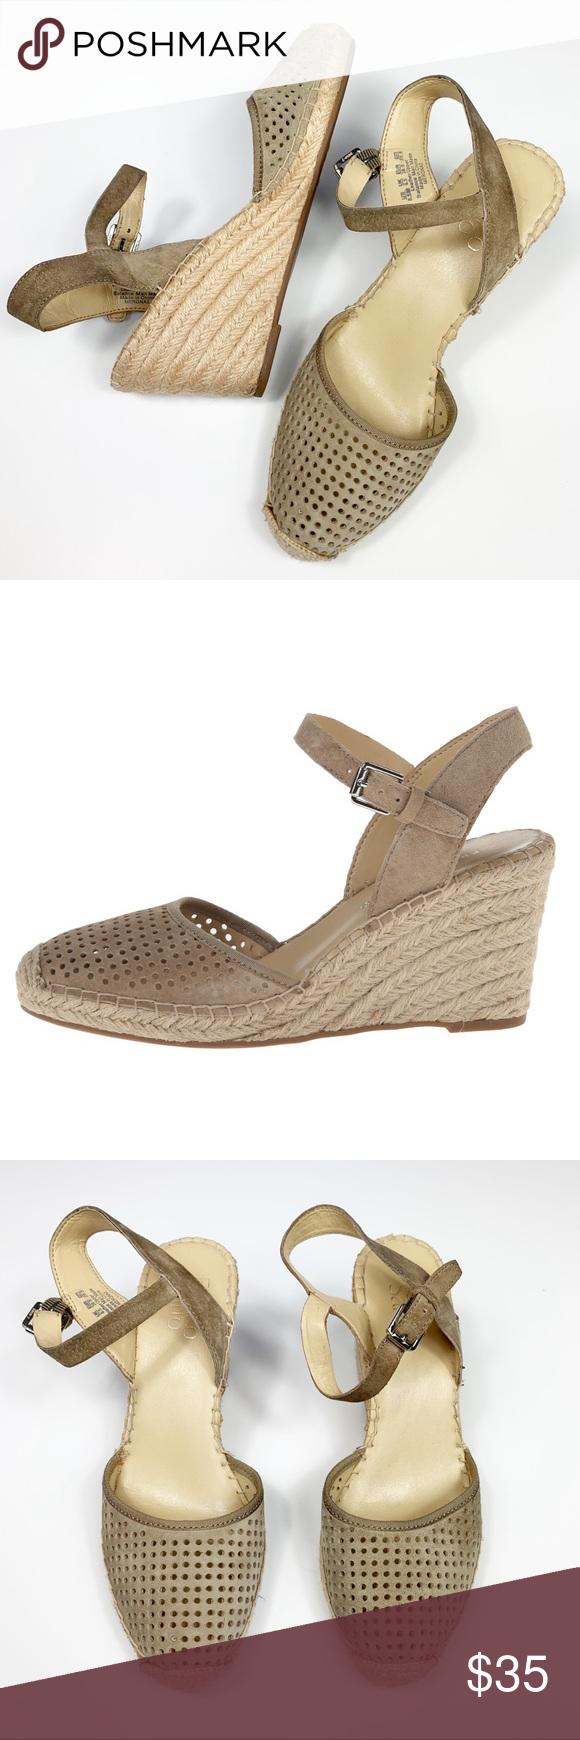 648367ff2a Franco Sarto | Mirage Wedge Sandal Espadrille wedge. Suede upper.  Adjustable ankle strap.